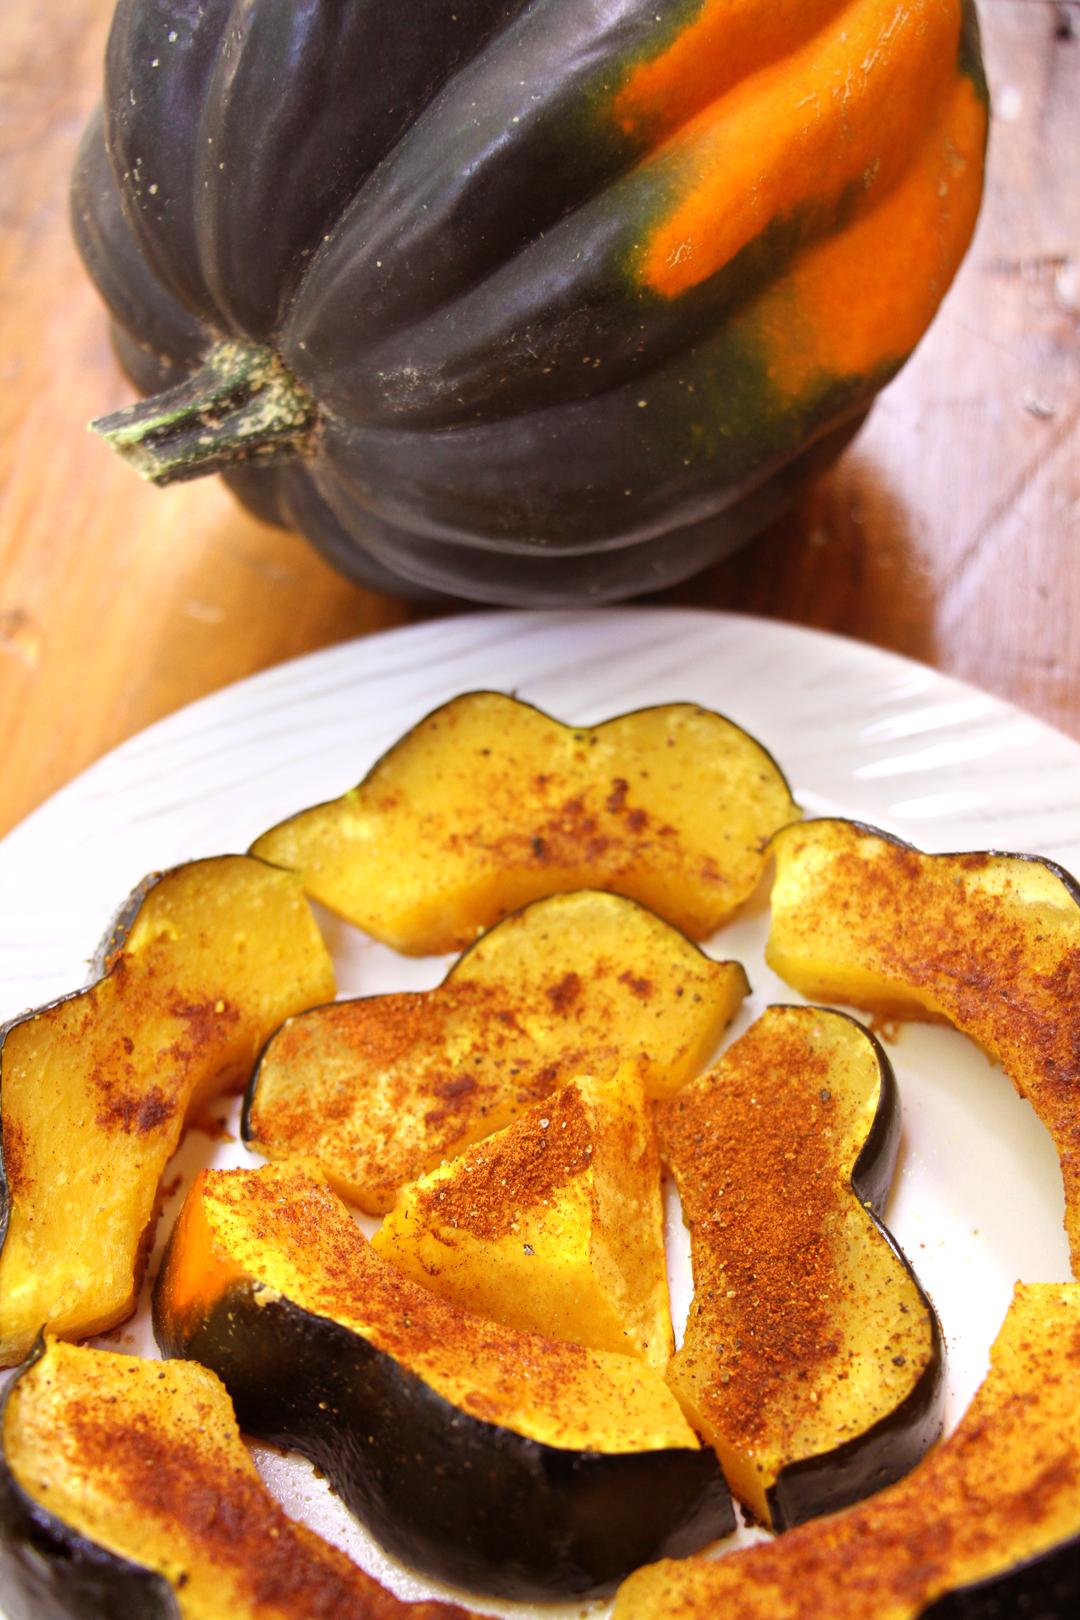 acorn-squash-paleo-gluten-free